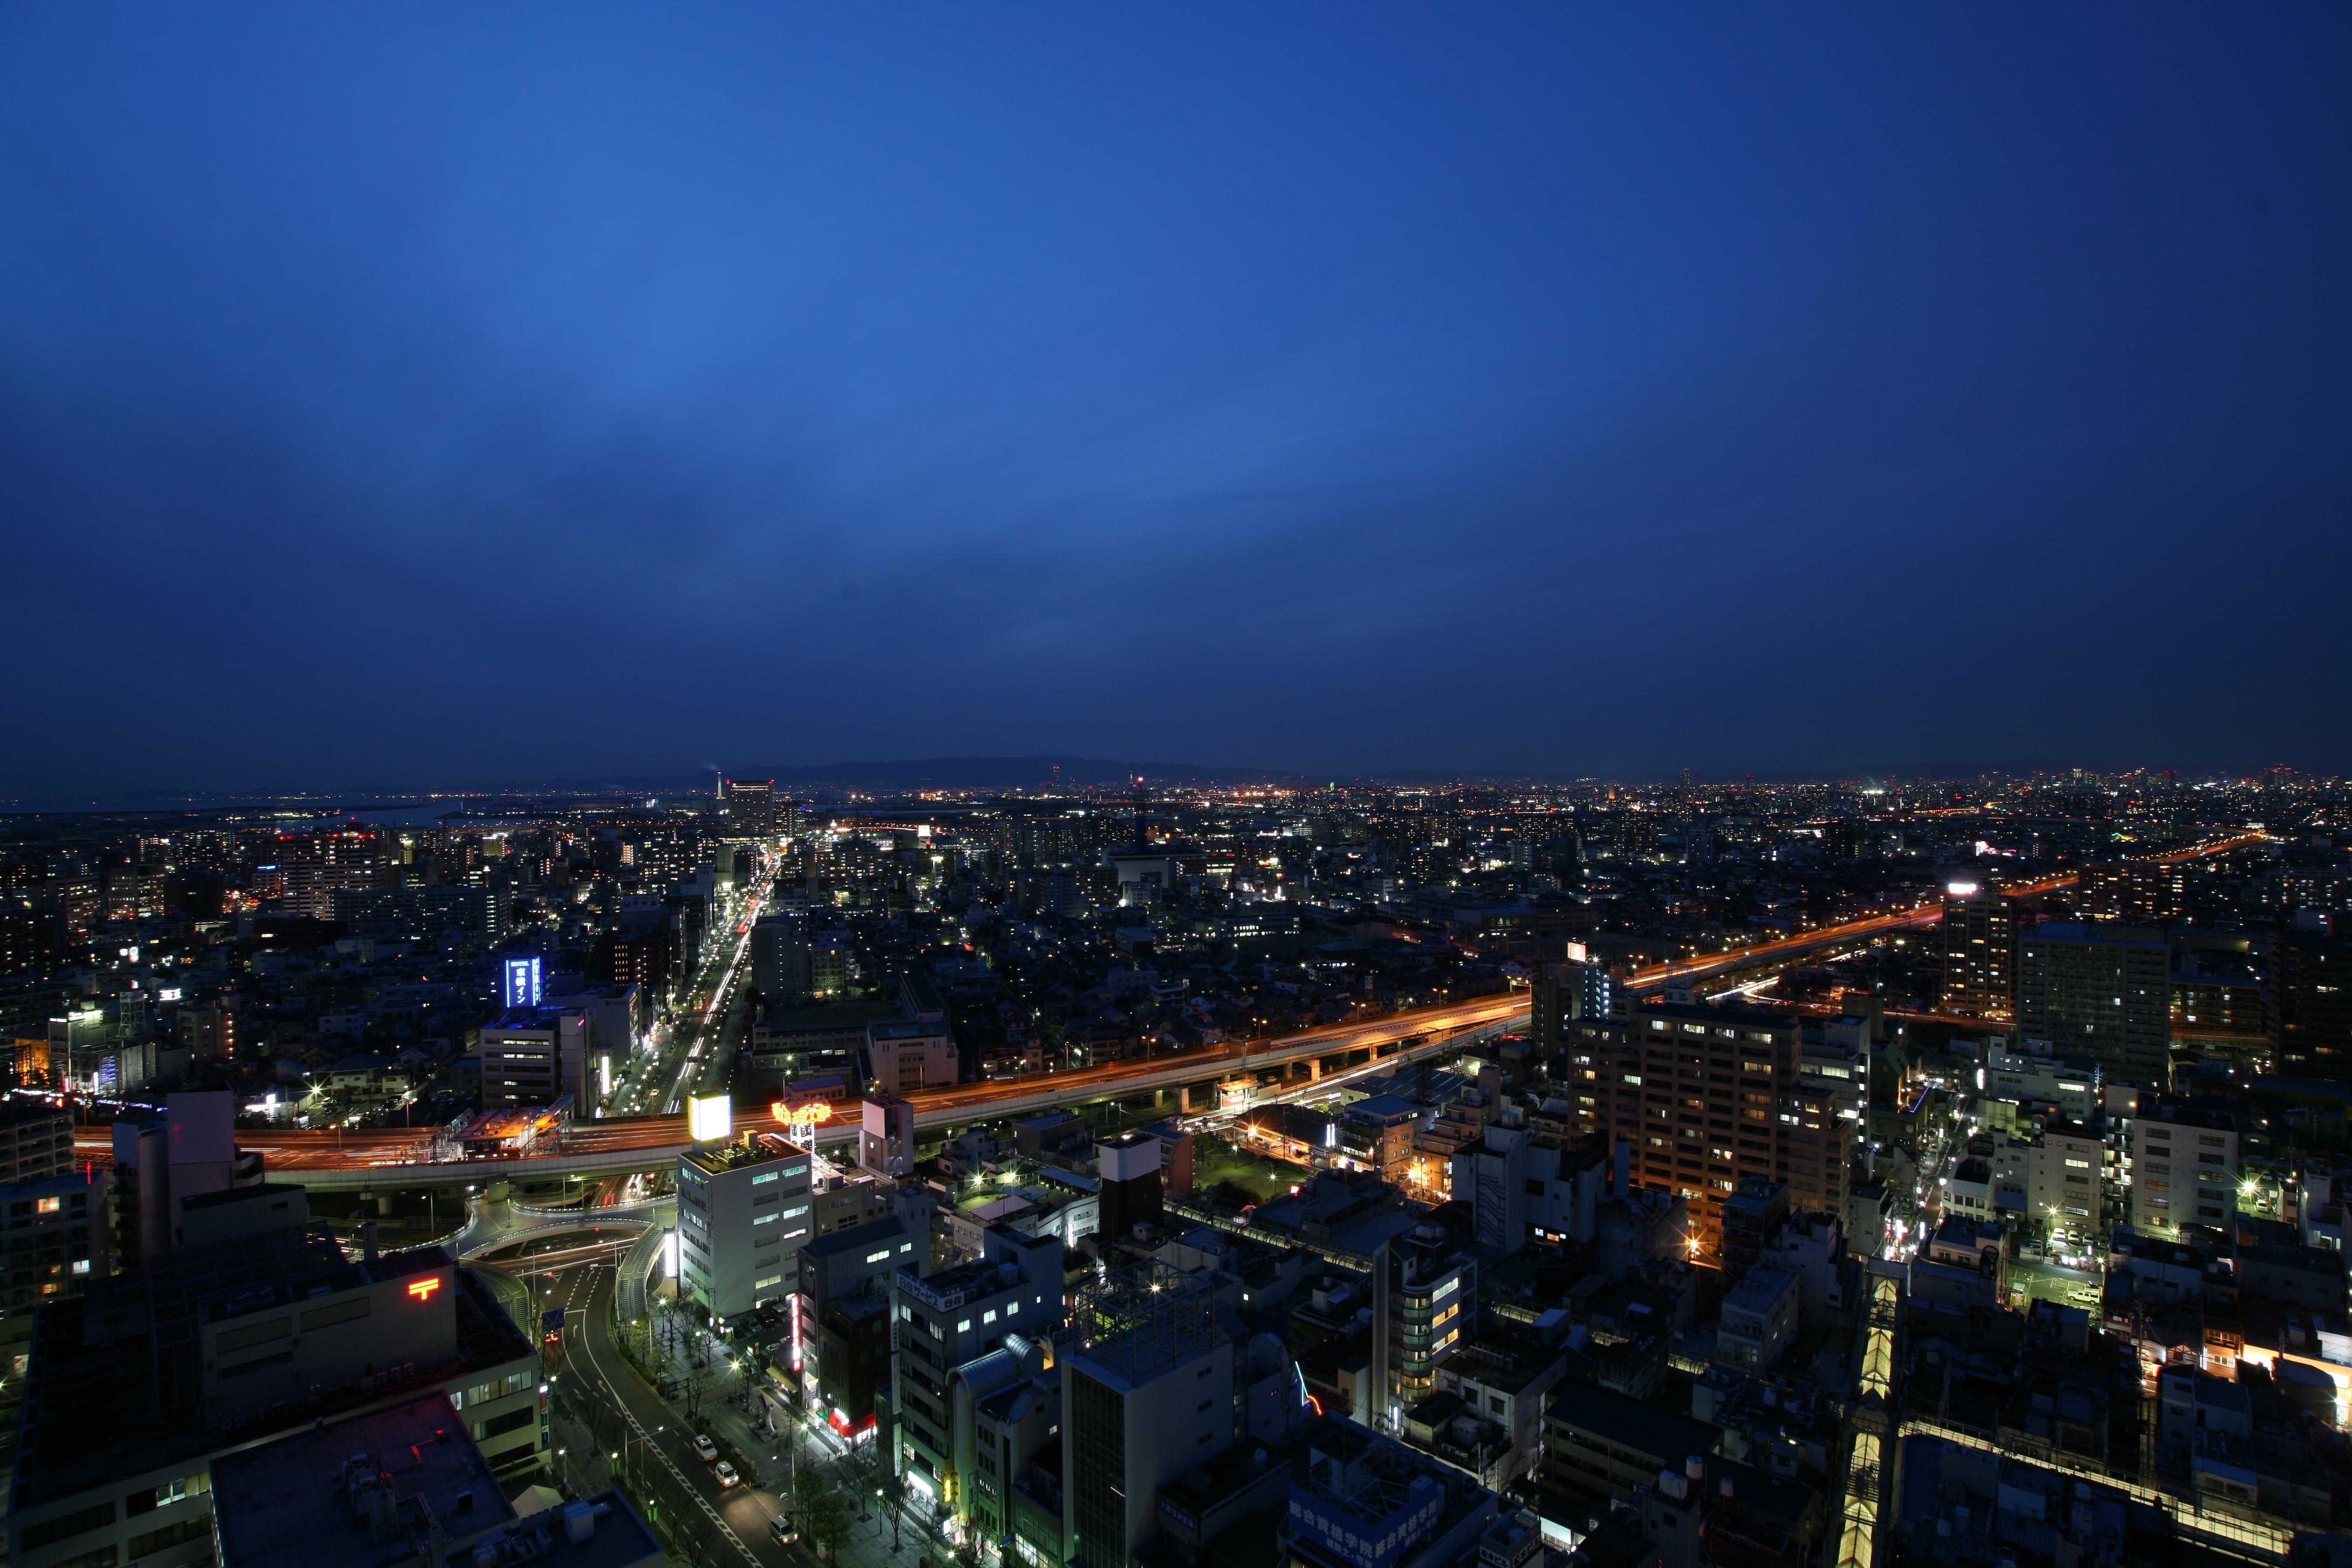 阪神高速堺線と堺の街の夜景を眼下に見る